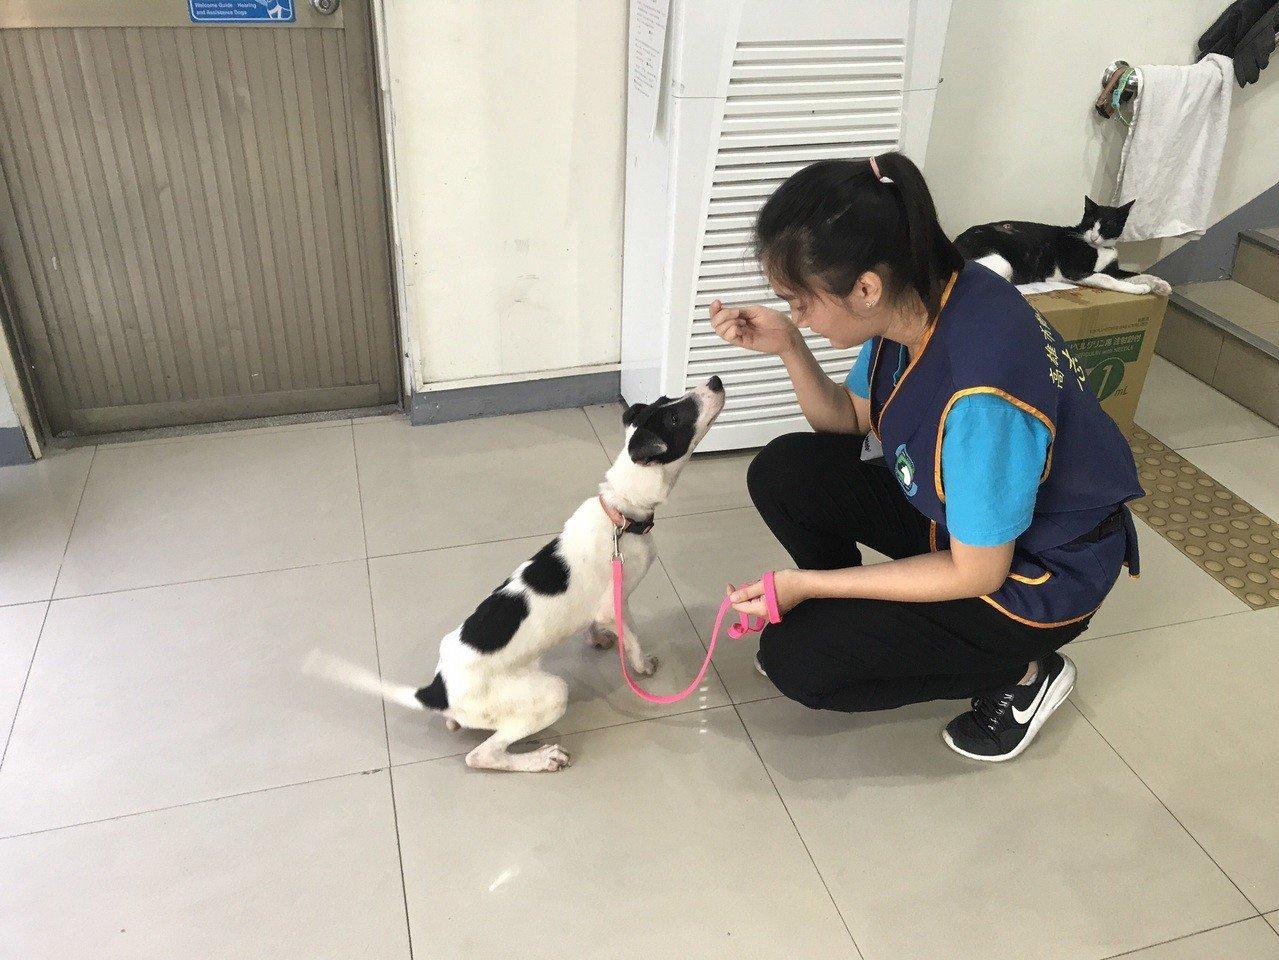 高雄市農業局動物保護處與屏東大仁科技大學等單位合作,加強推動收容所犬隻基本服從訓...